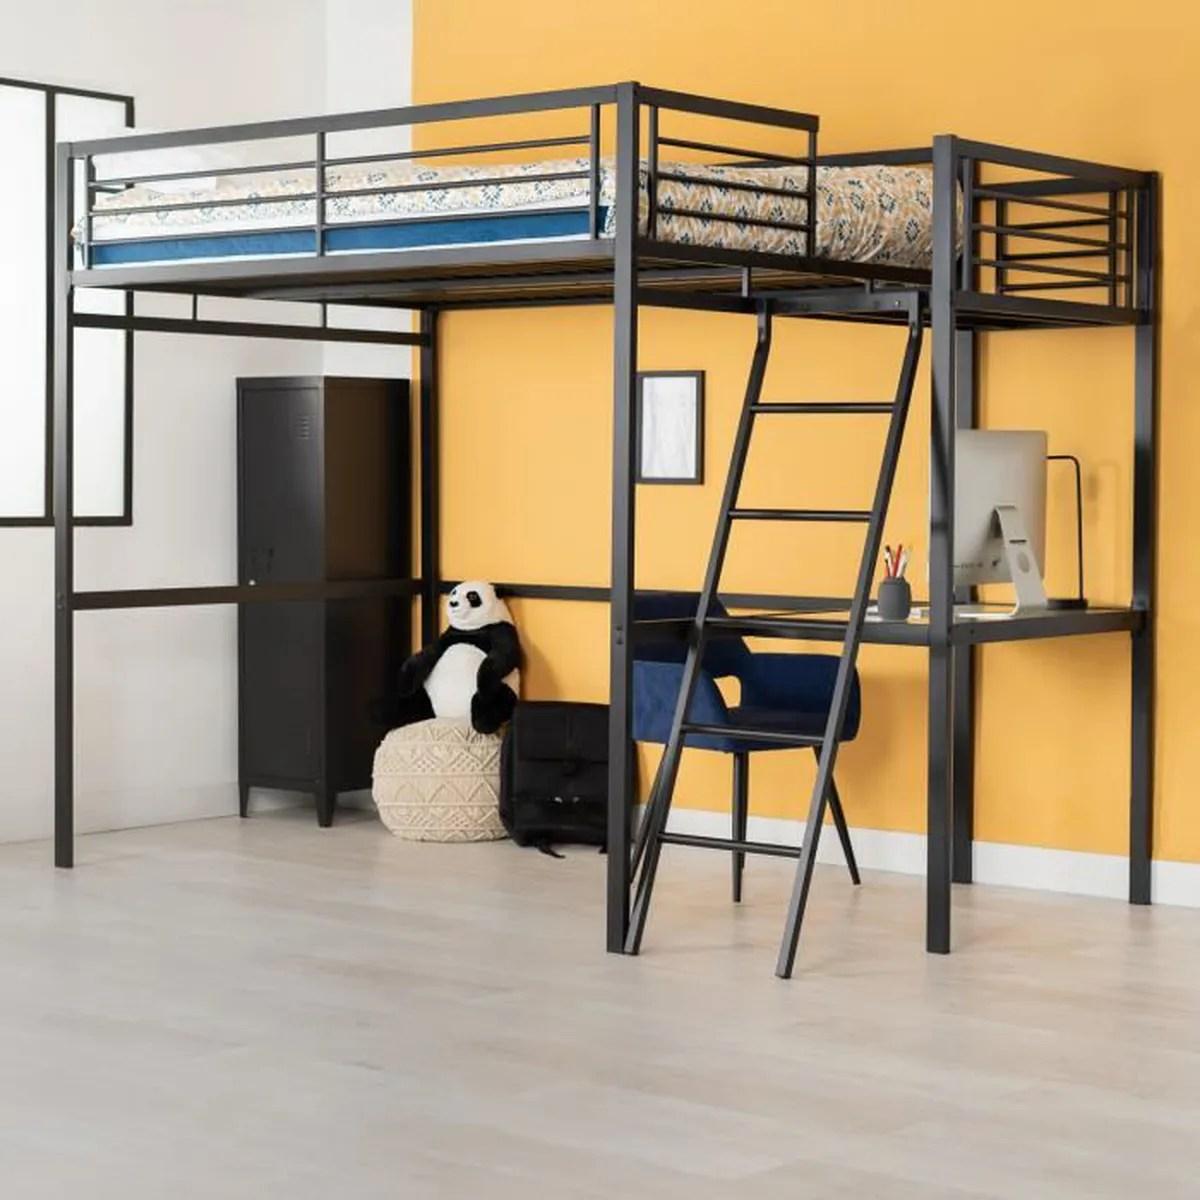 lit mezzanine furnish